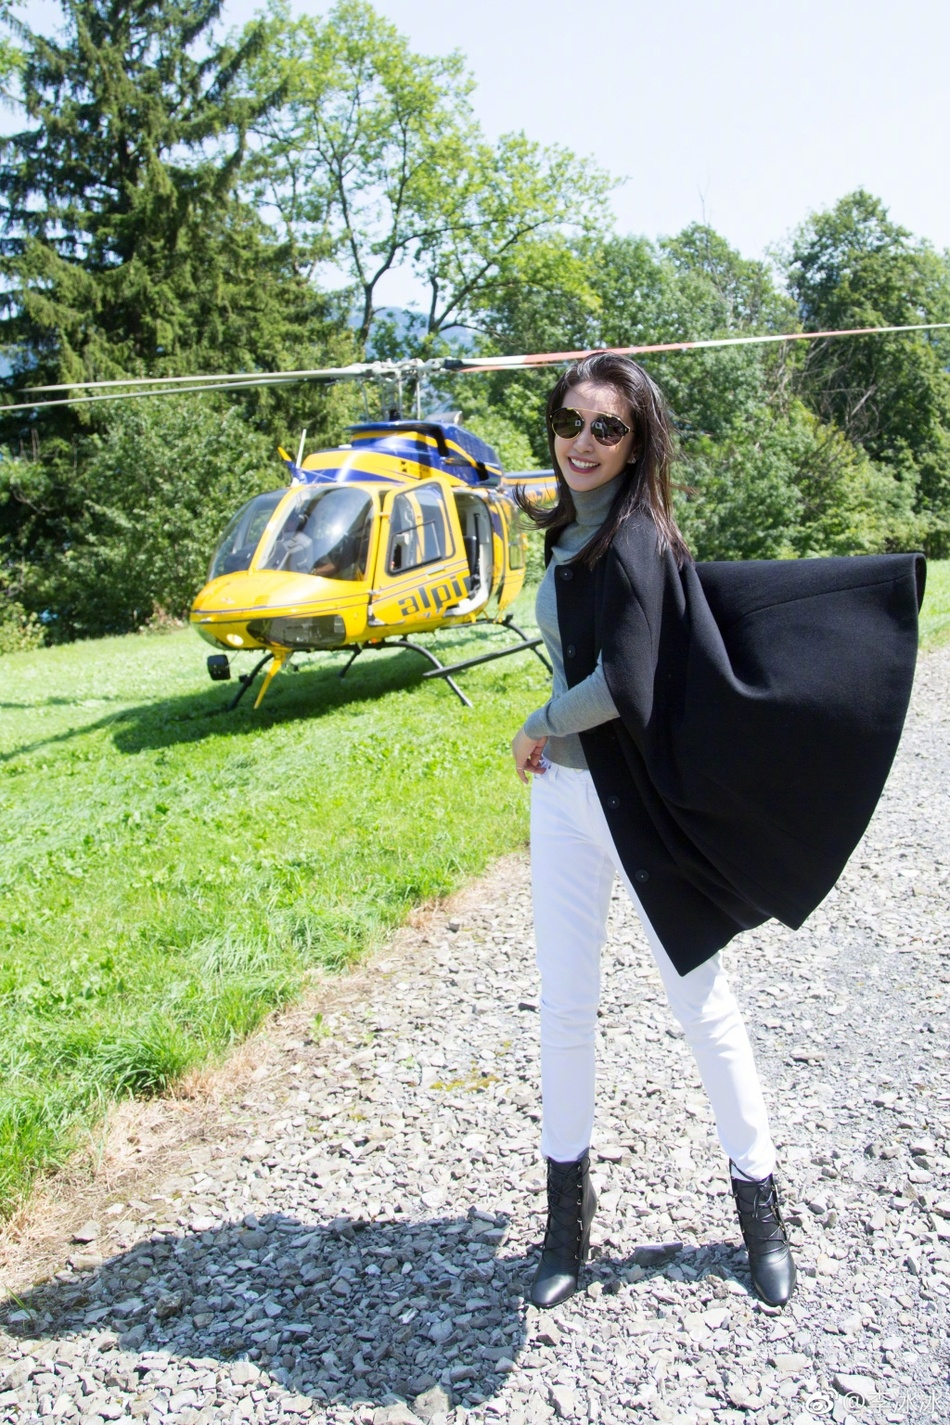 恋爱中的李冰冰开心晒新照 坐直升机游玩看风景